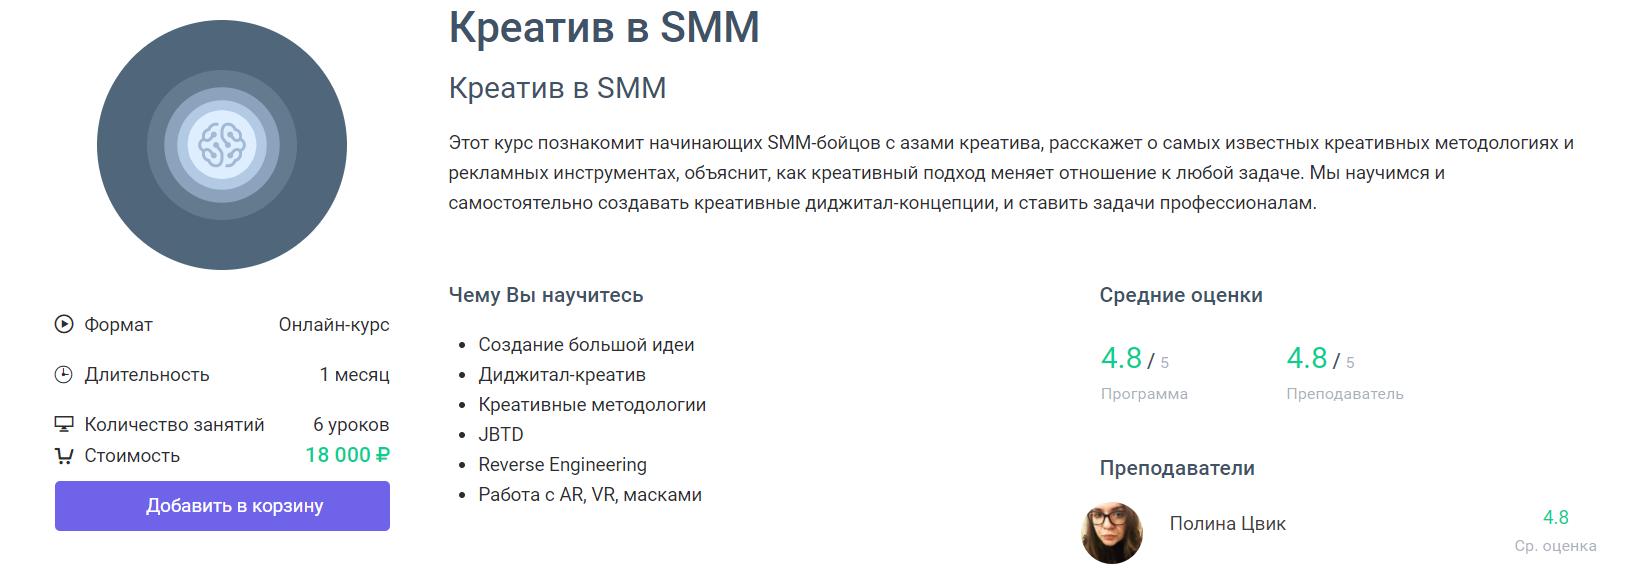 Отзывы о курсе - Креатив в SMM от GeekBrains - автор: Полина Цвик